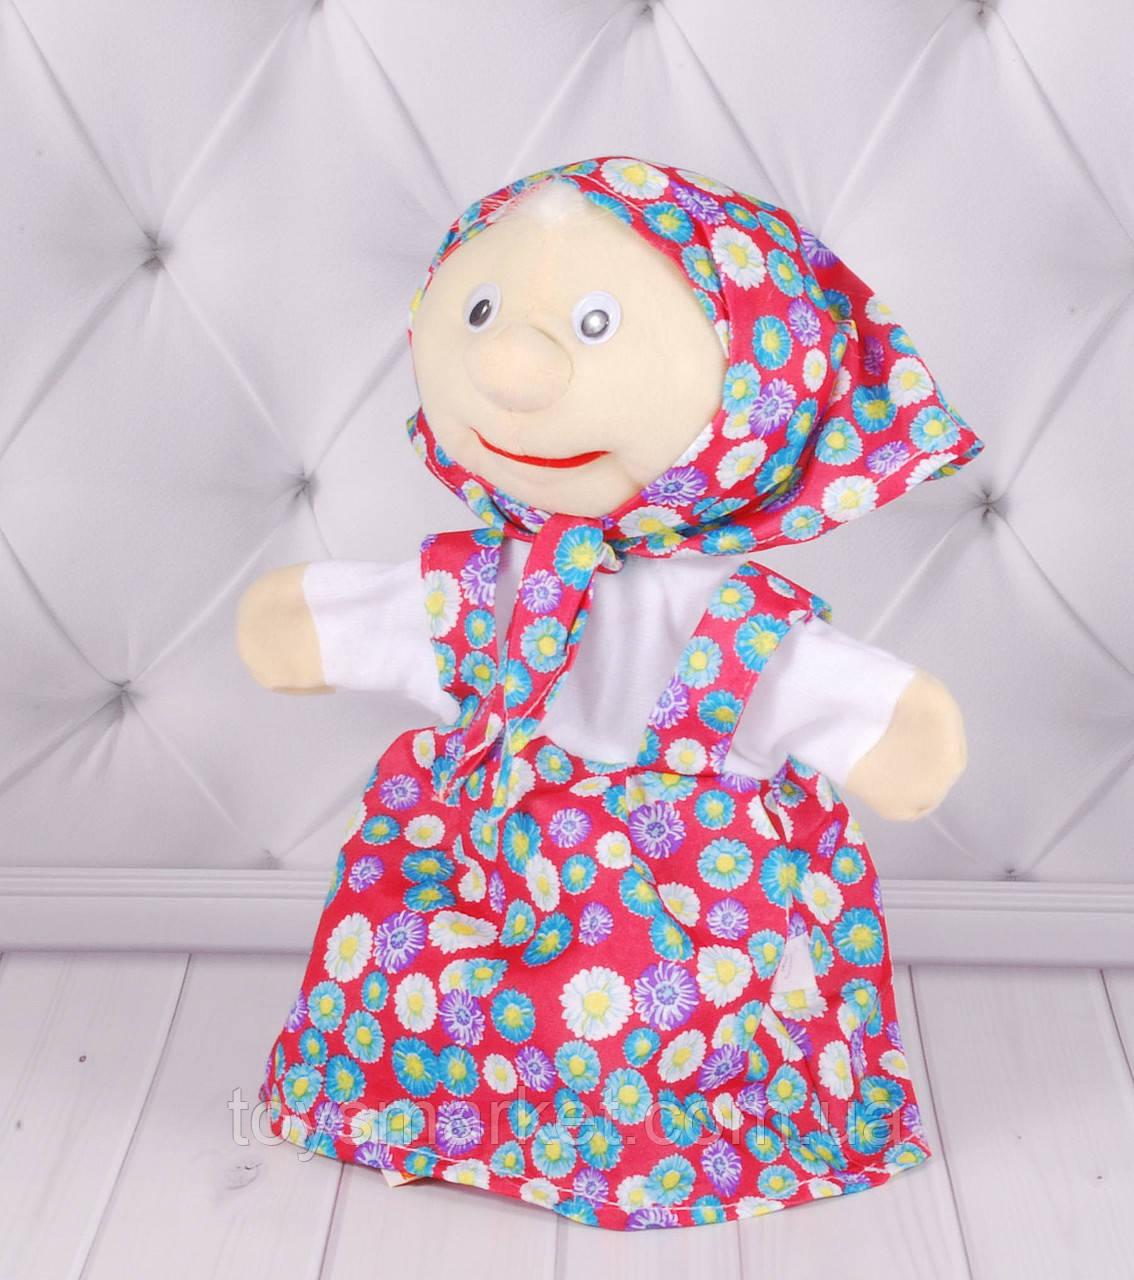 Игрушка рукавичка для кукольного театра Бабушка, кукла перчатка на руку